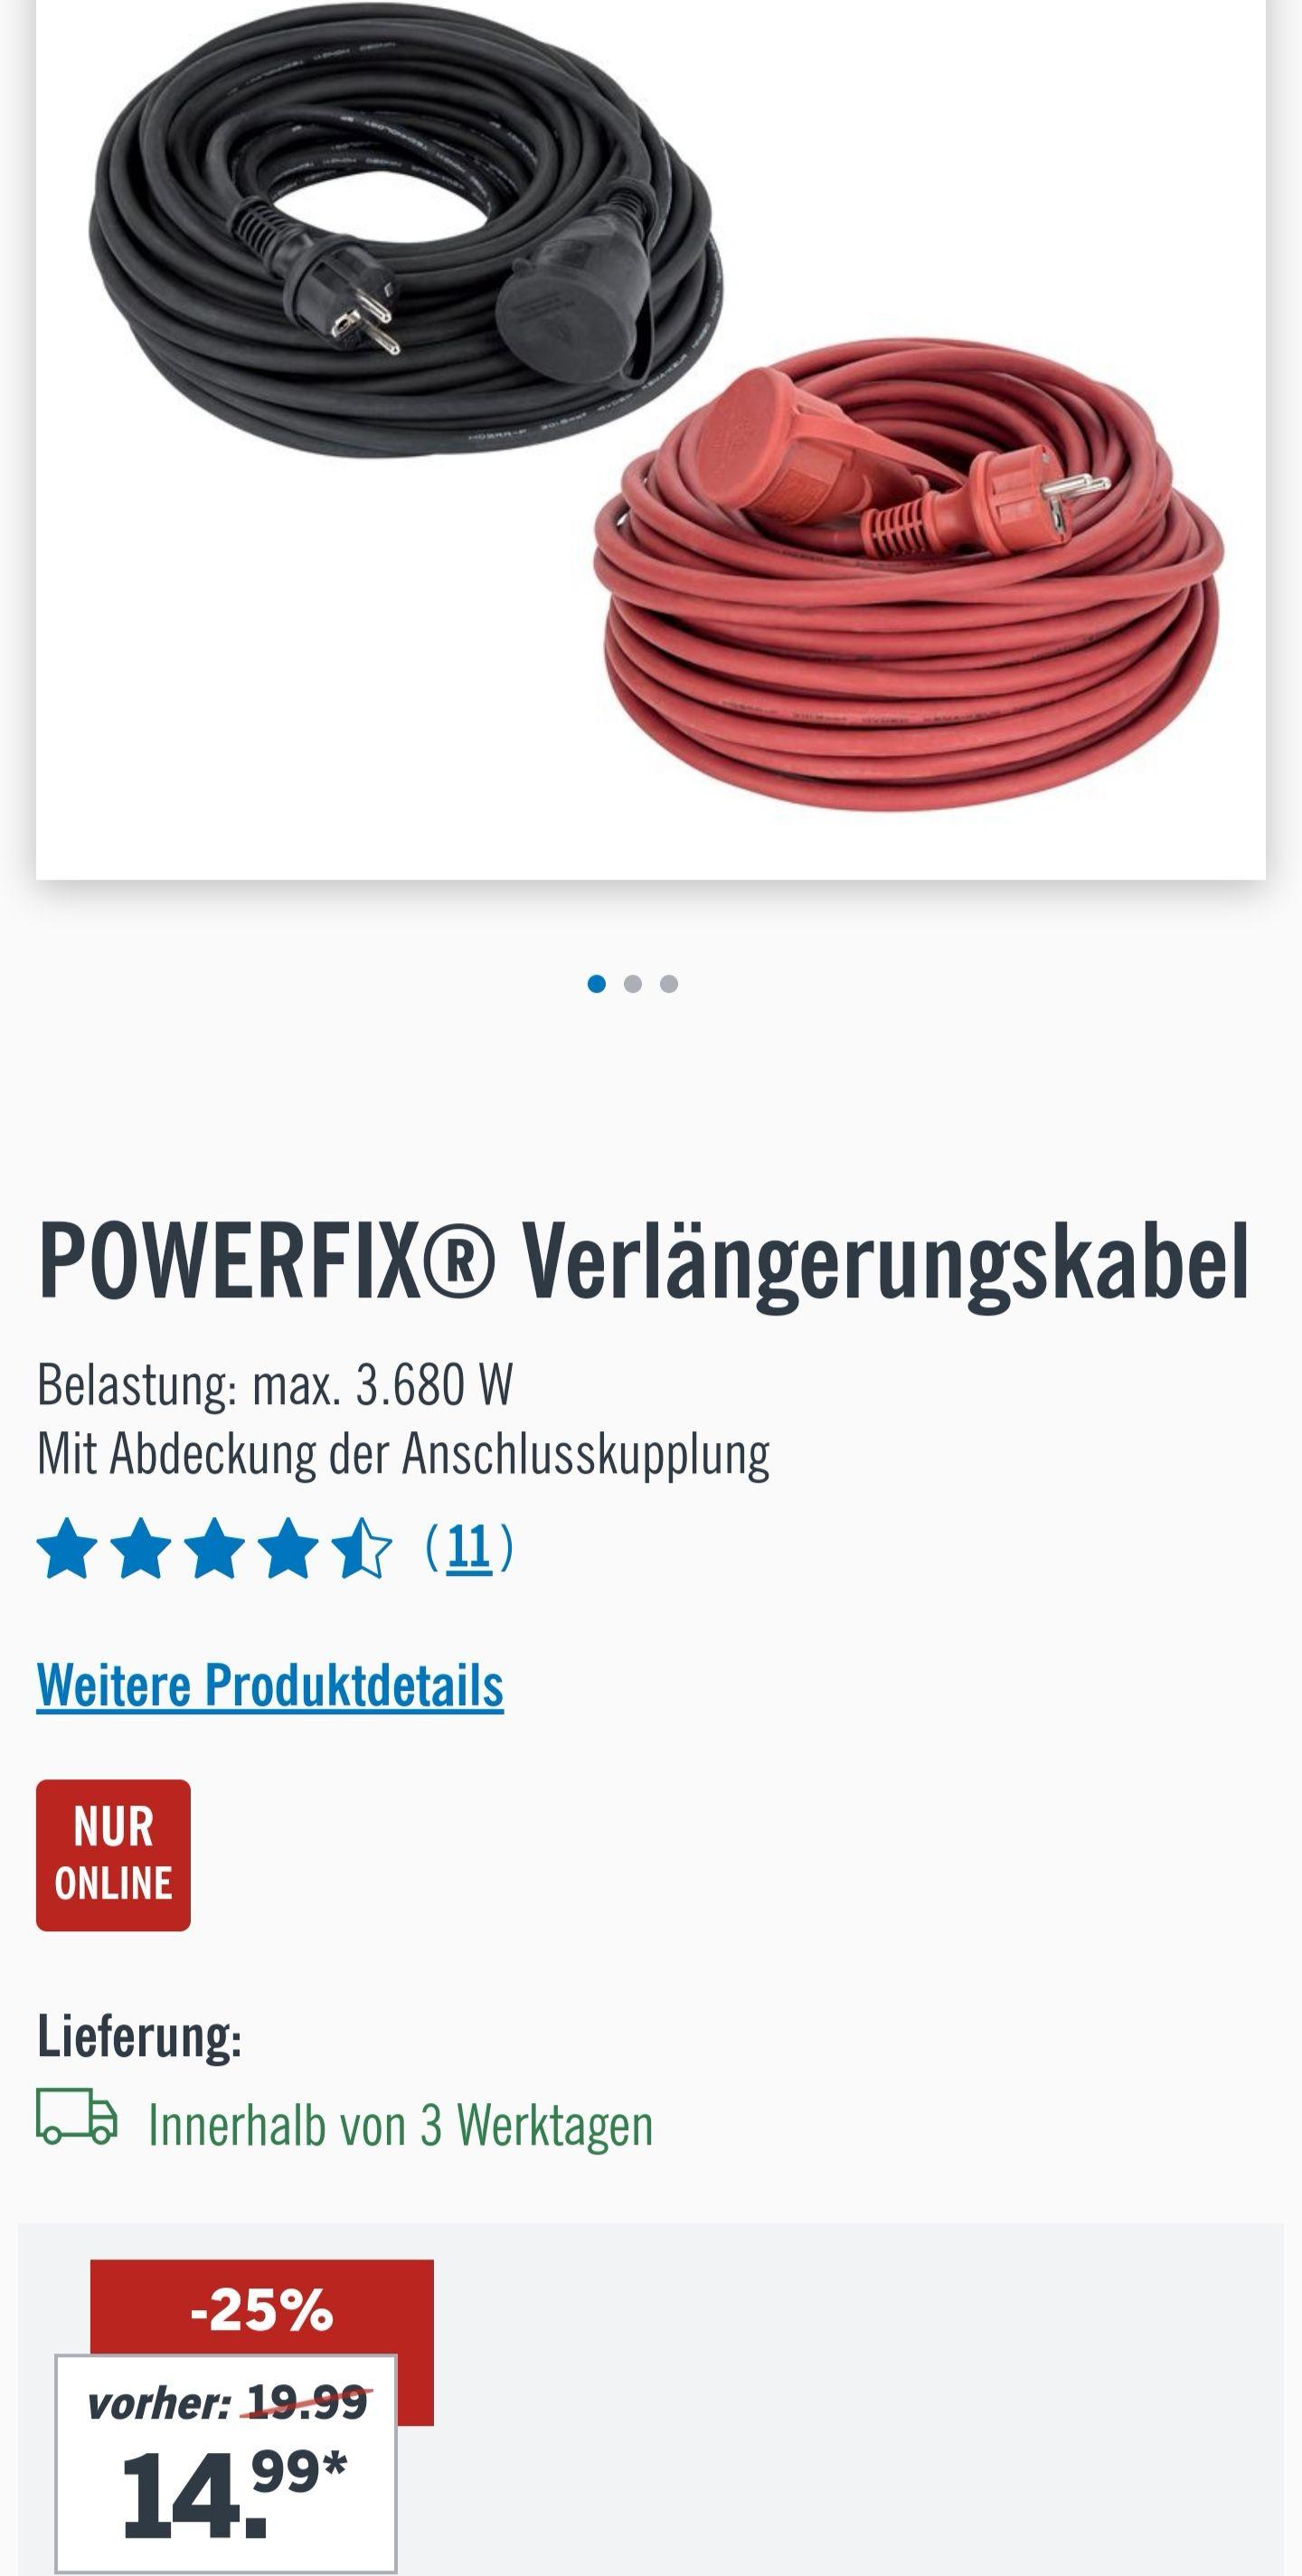 POWERFIX® Verlängerungskabel, ca. 25 m, Spritzwassergeschützt – Schutzklasse IP44